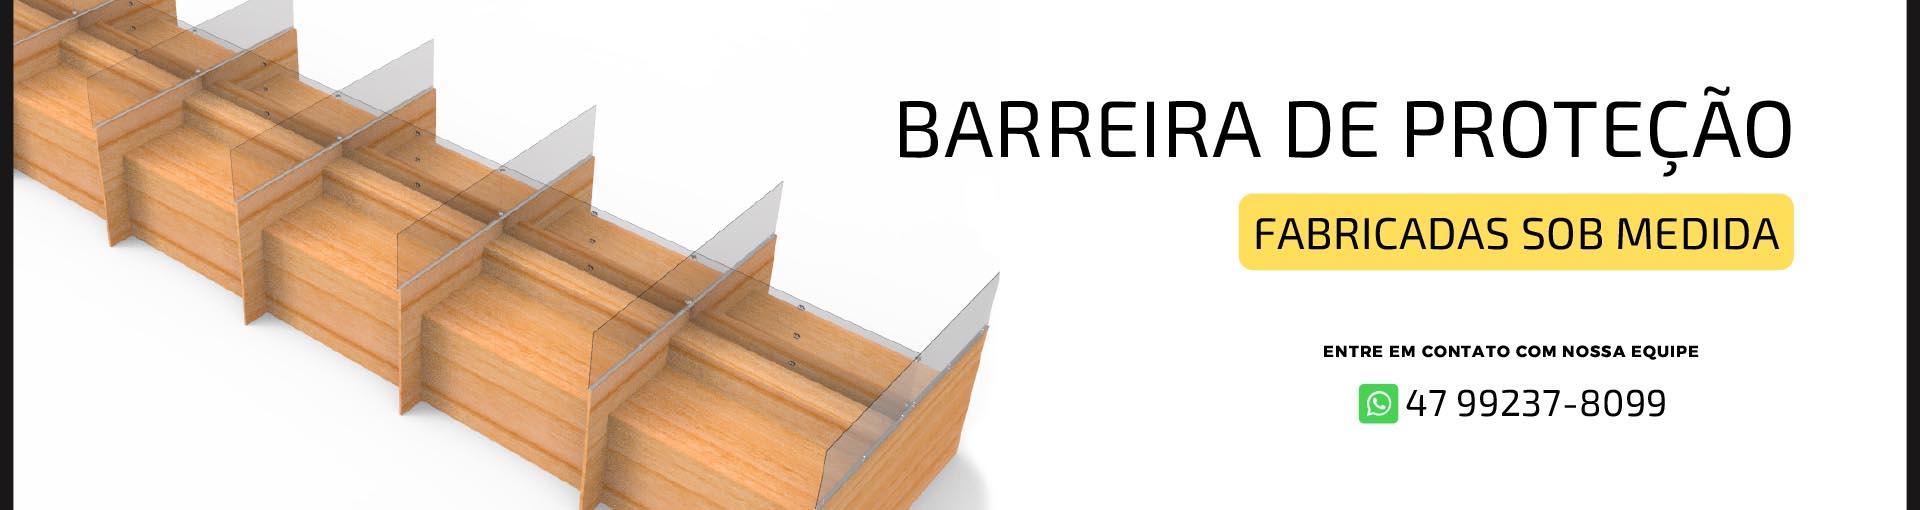 Barreiras de proteção